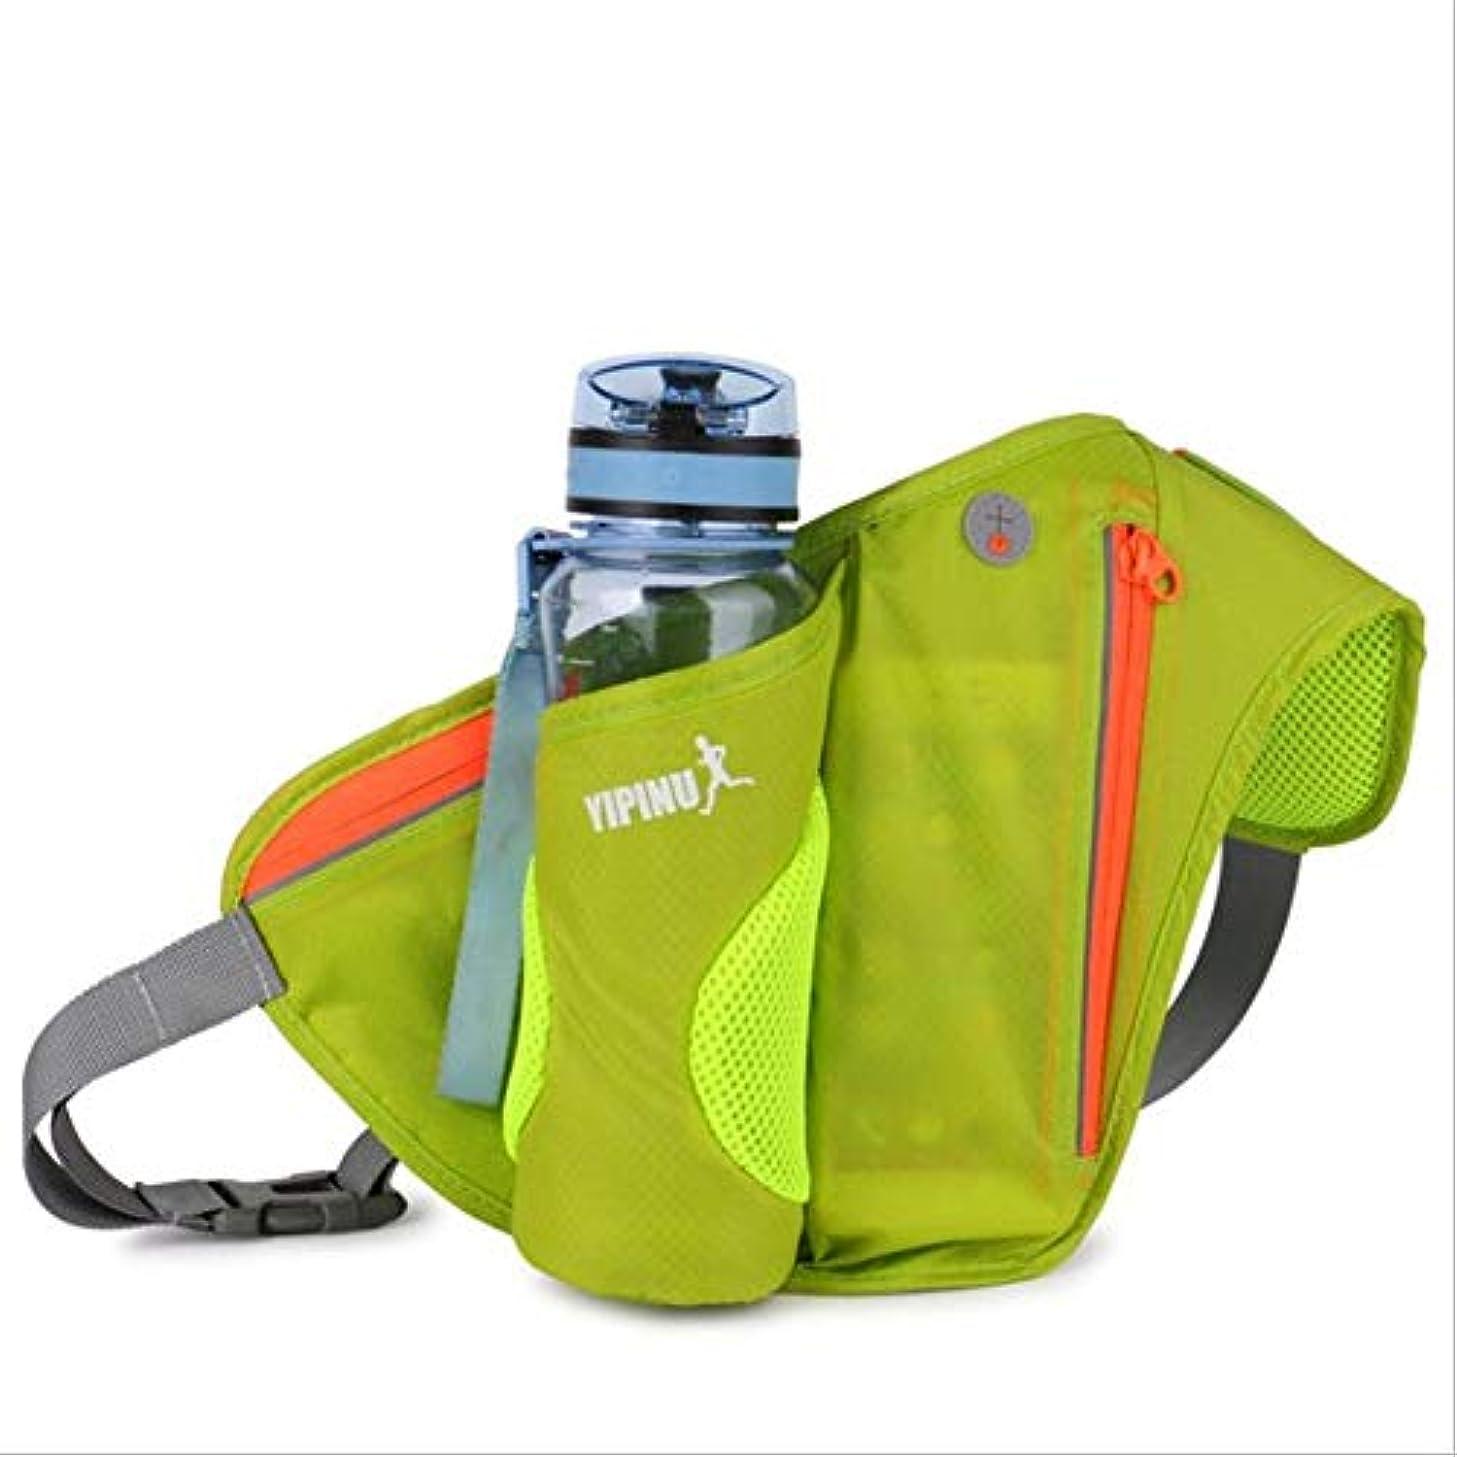 の間で人生を作る放映DishyKooker ユニセックススポーツバッグ 携帯電話バッグ 屋外サイクリング 防水ケトルバッグ